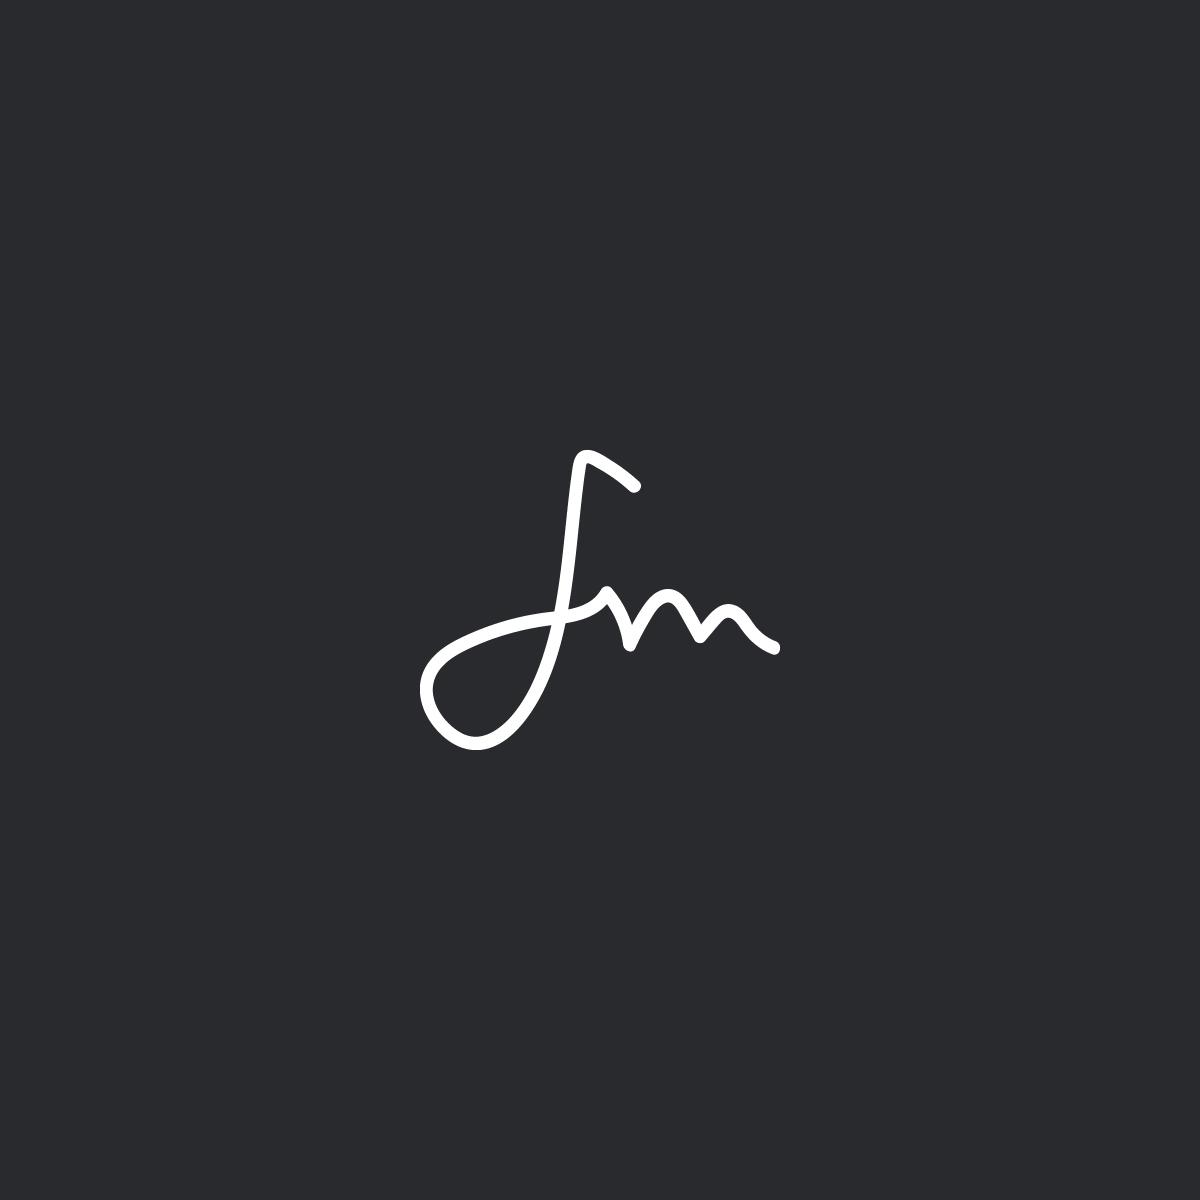 FM CLOTHING CO | SPLOOSH MEDIA | BRANDING AGENCY MANCHESTER